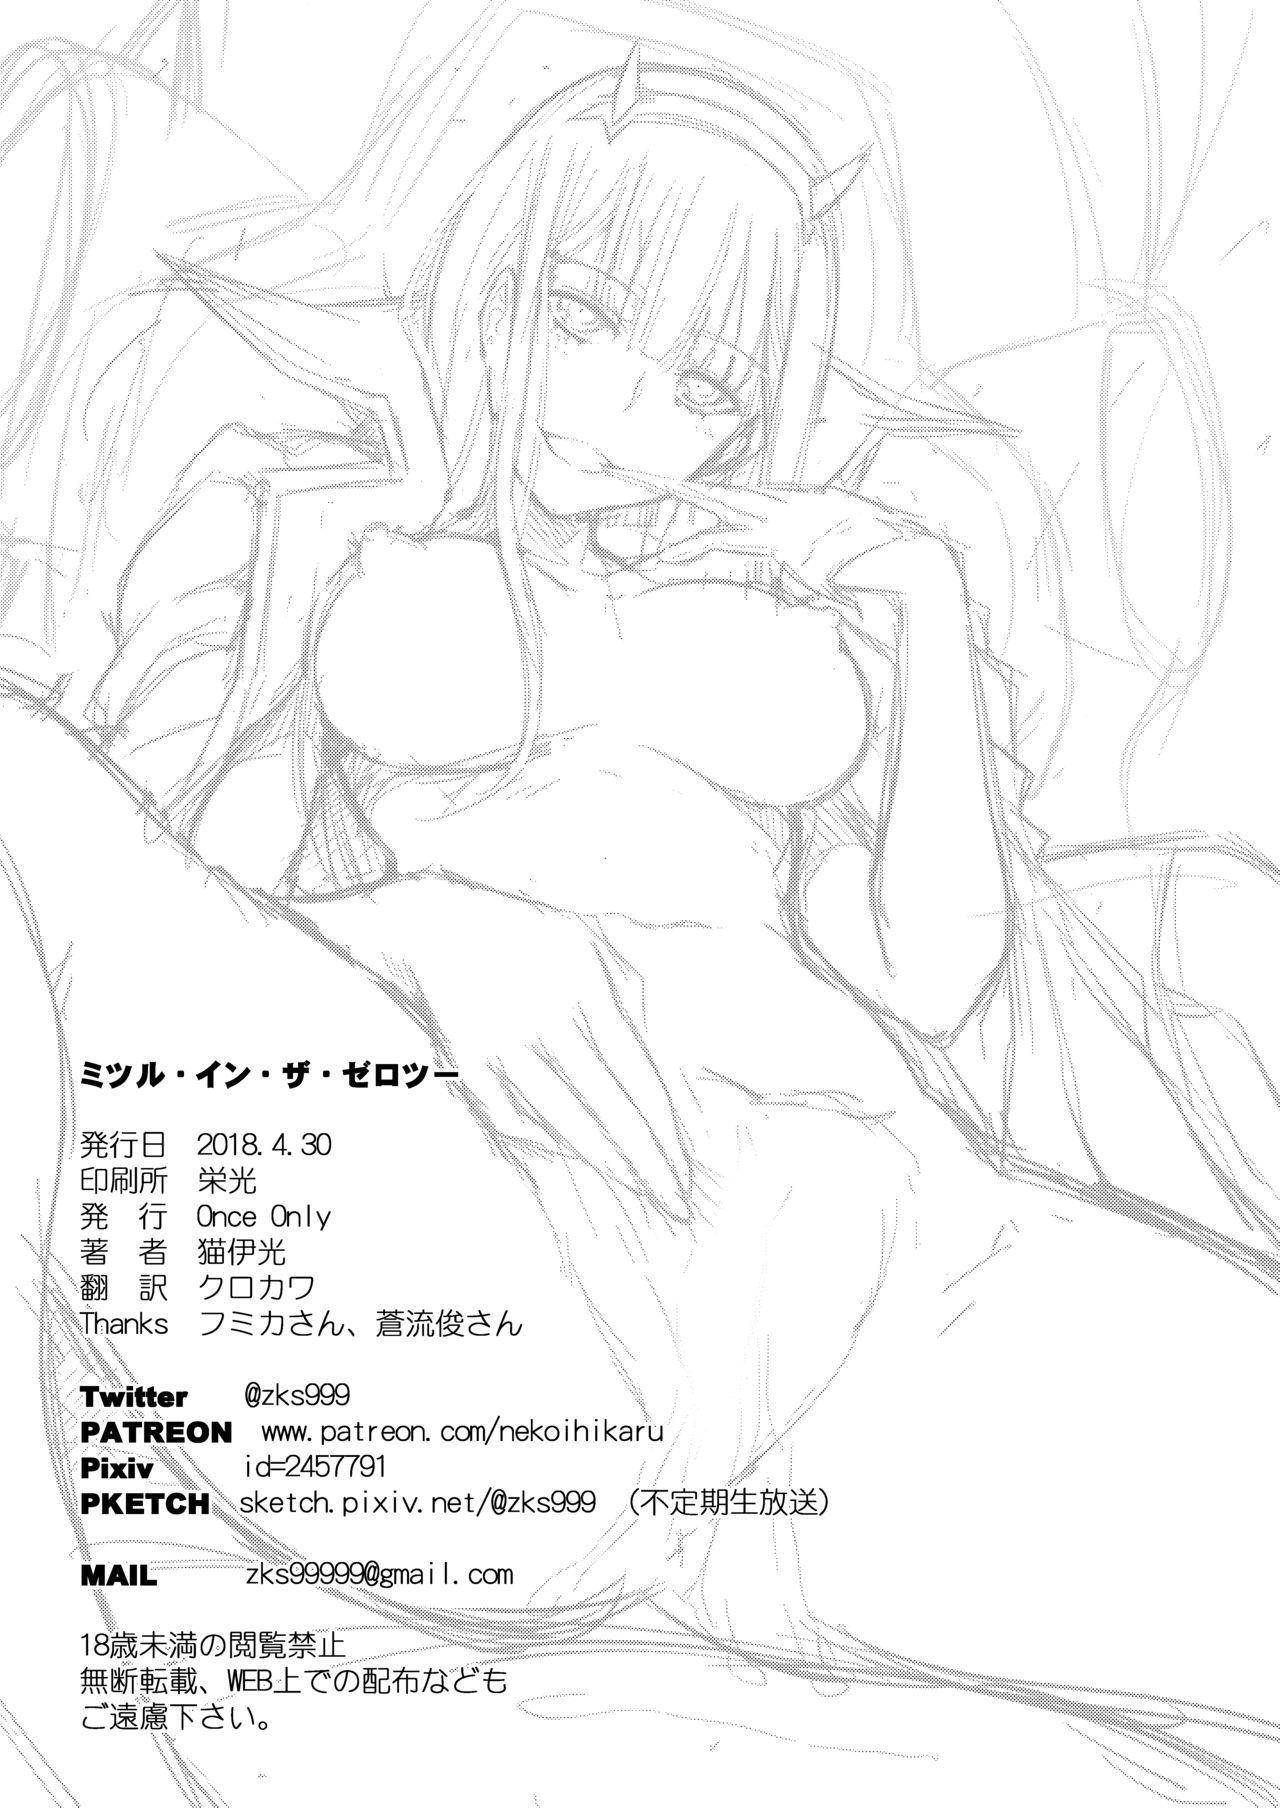 Mitsuru in the Zero Two 21